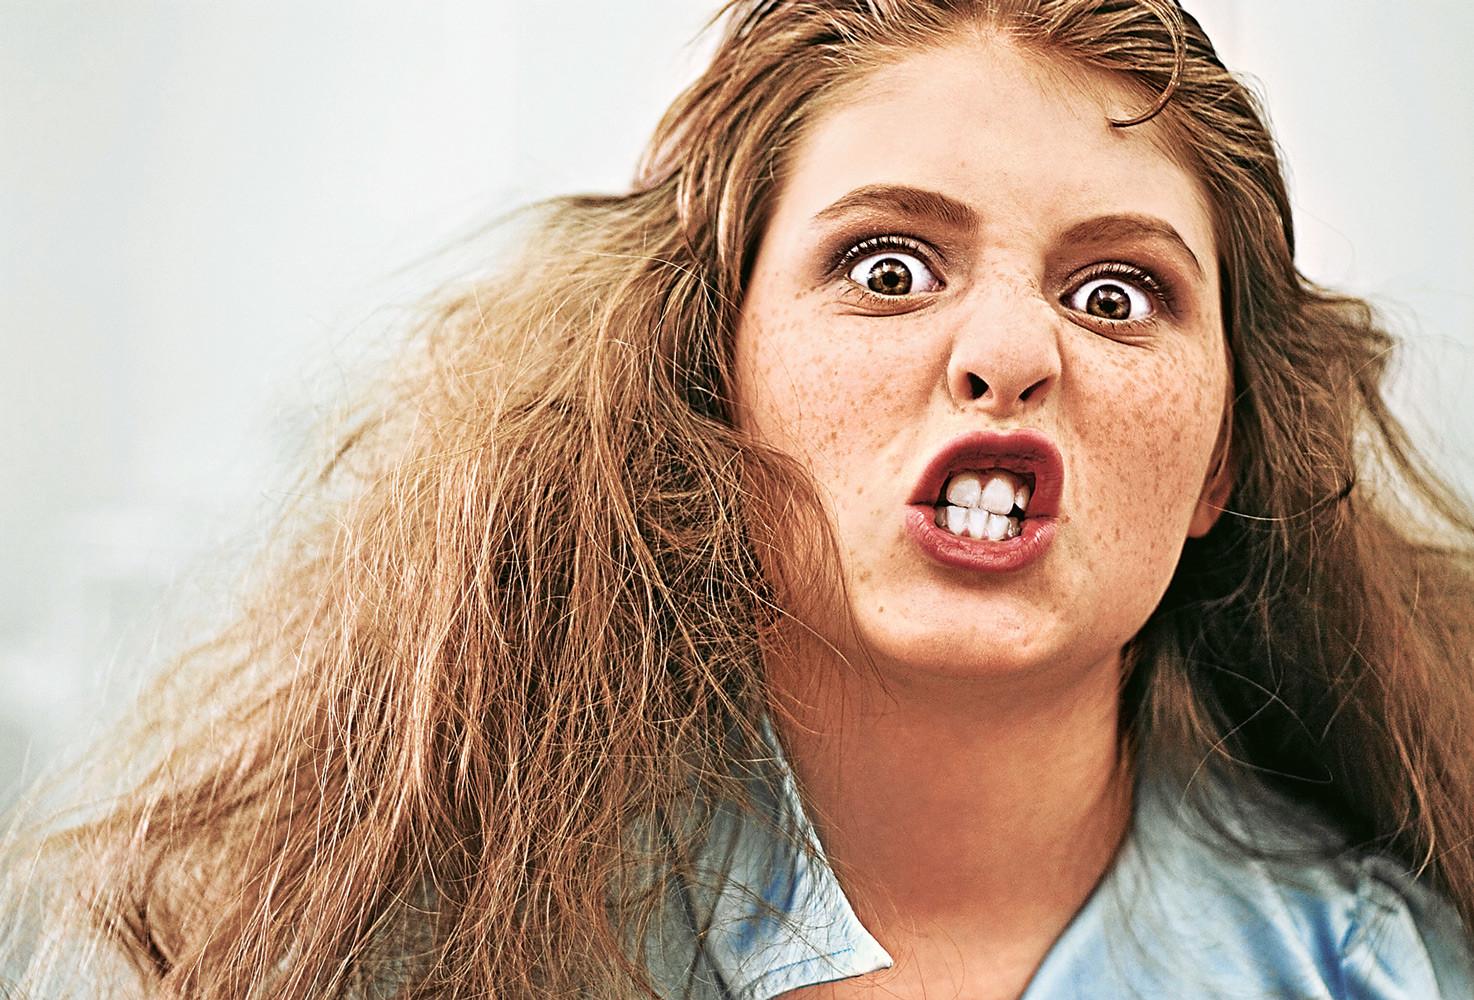 Angry teen girl #3